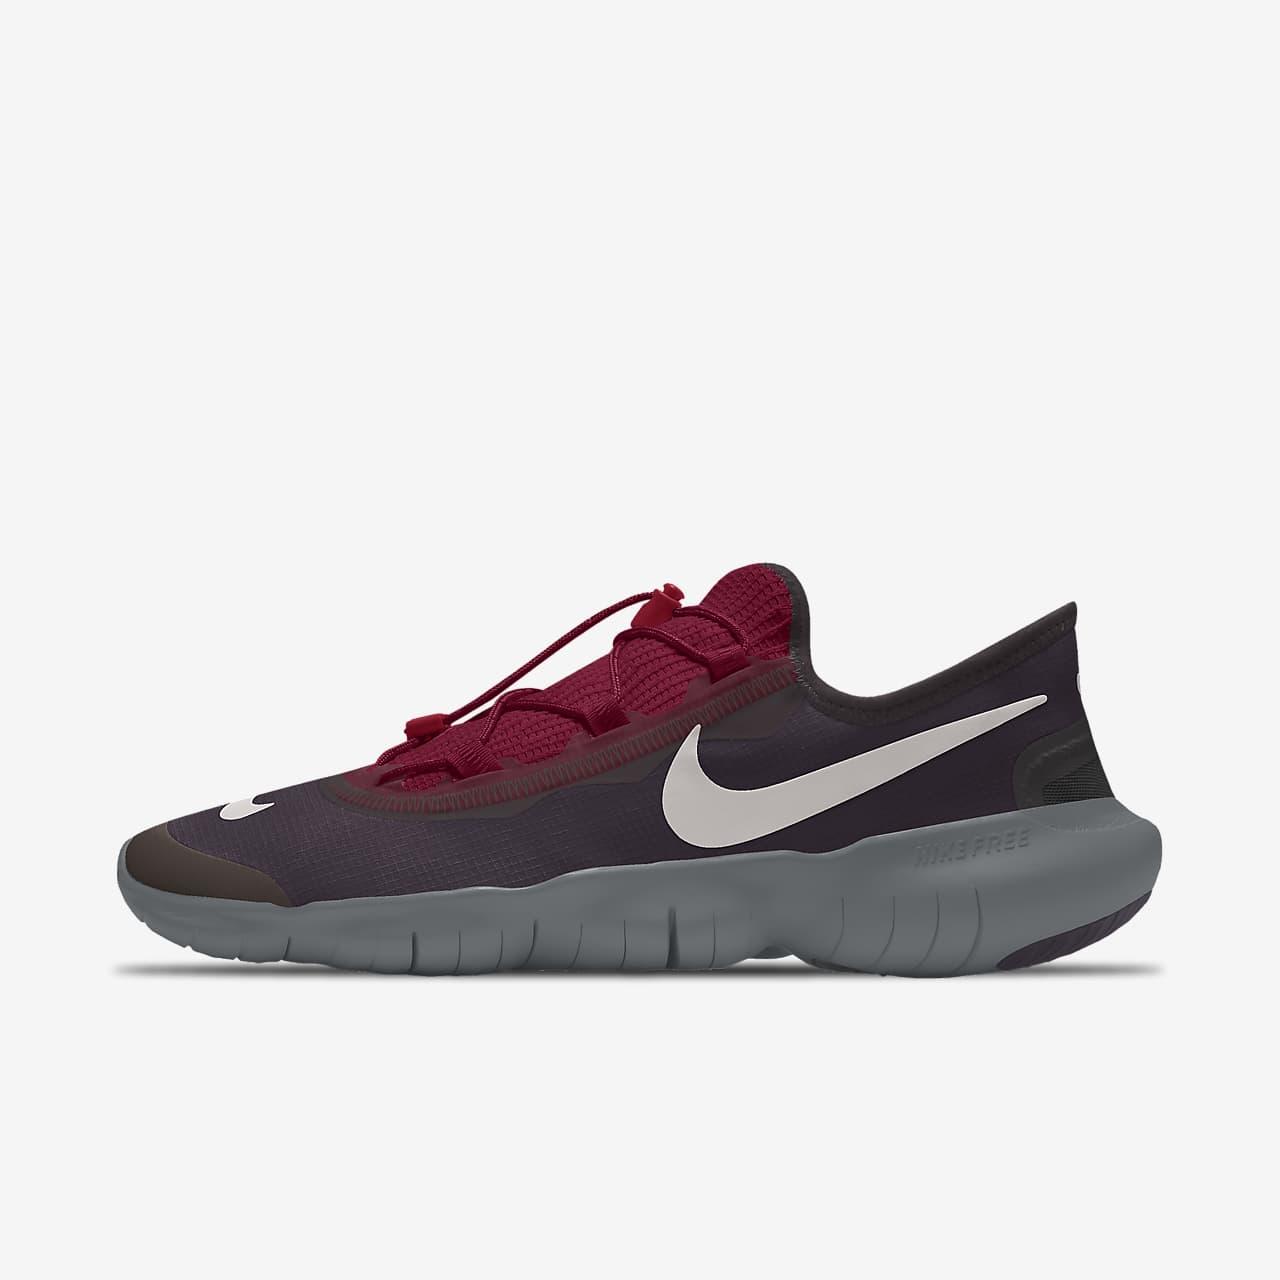 Nike Free RN 5.0 By You Custom 女子跑步鞋